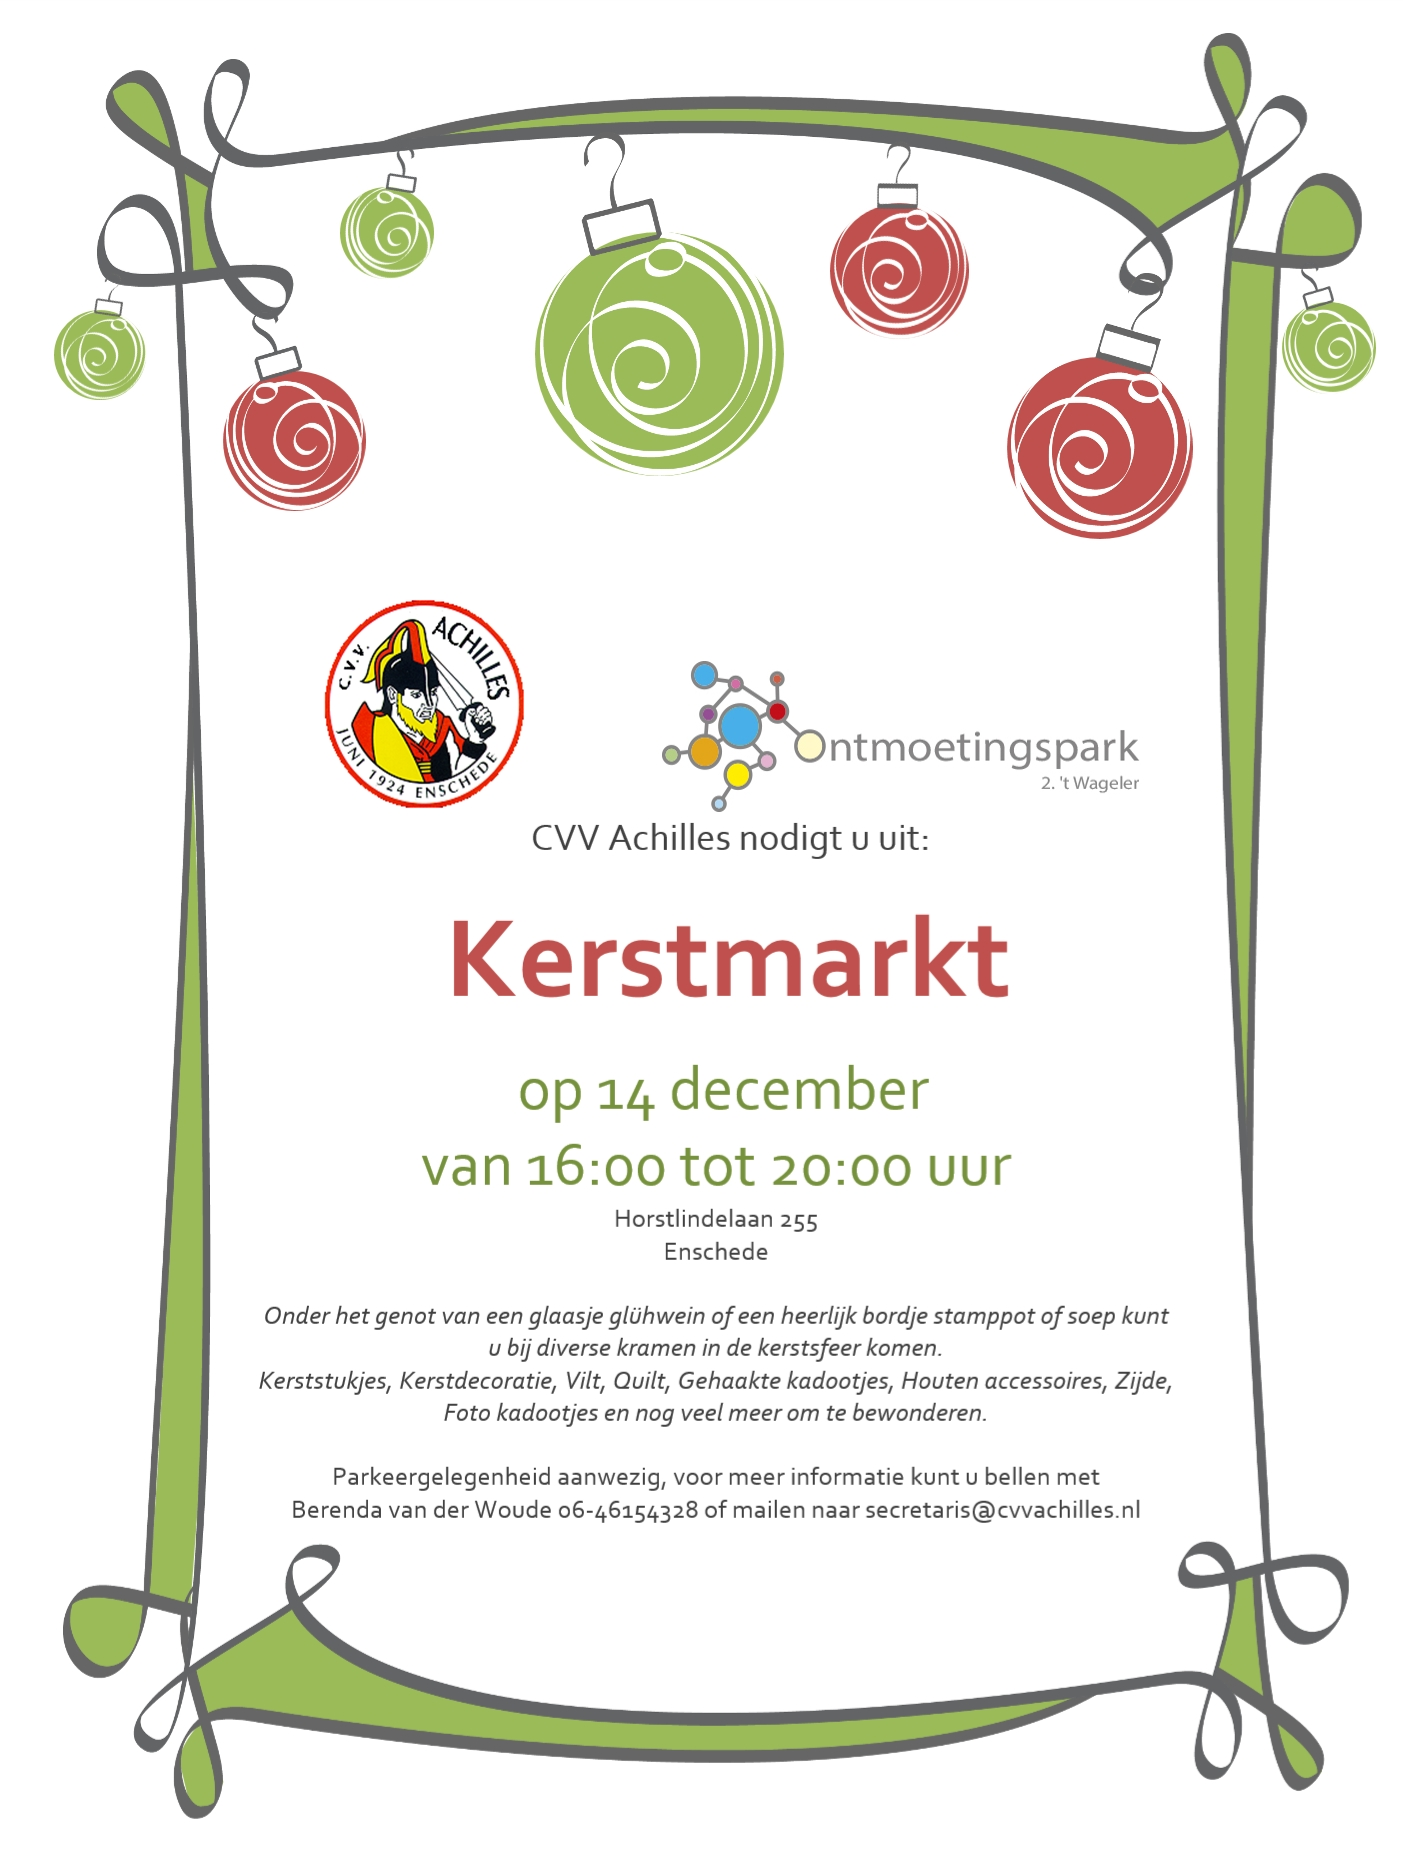 Kerstmarkt 14 December